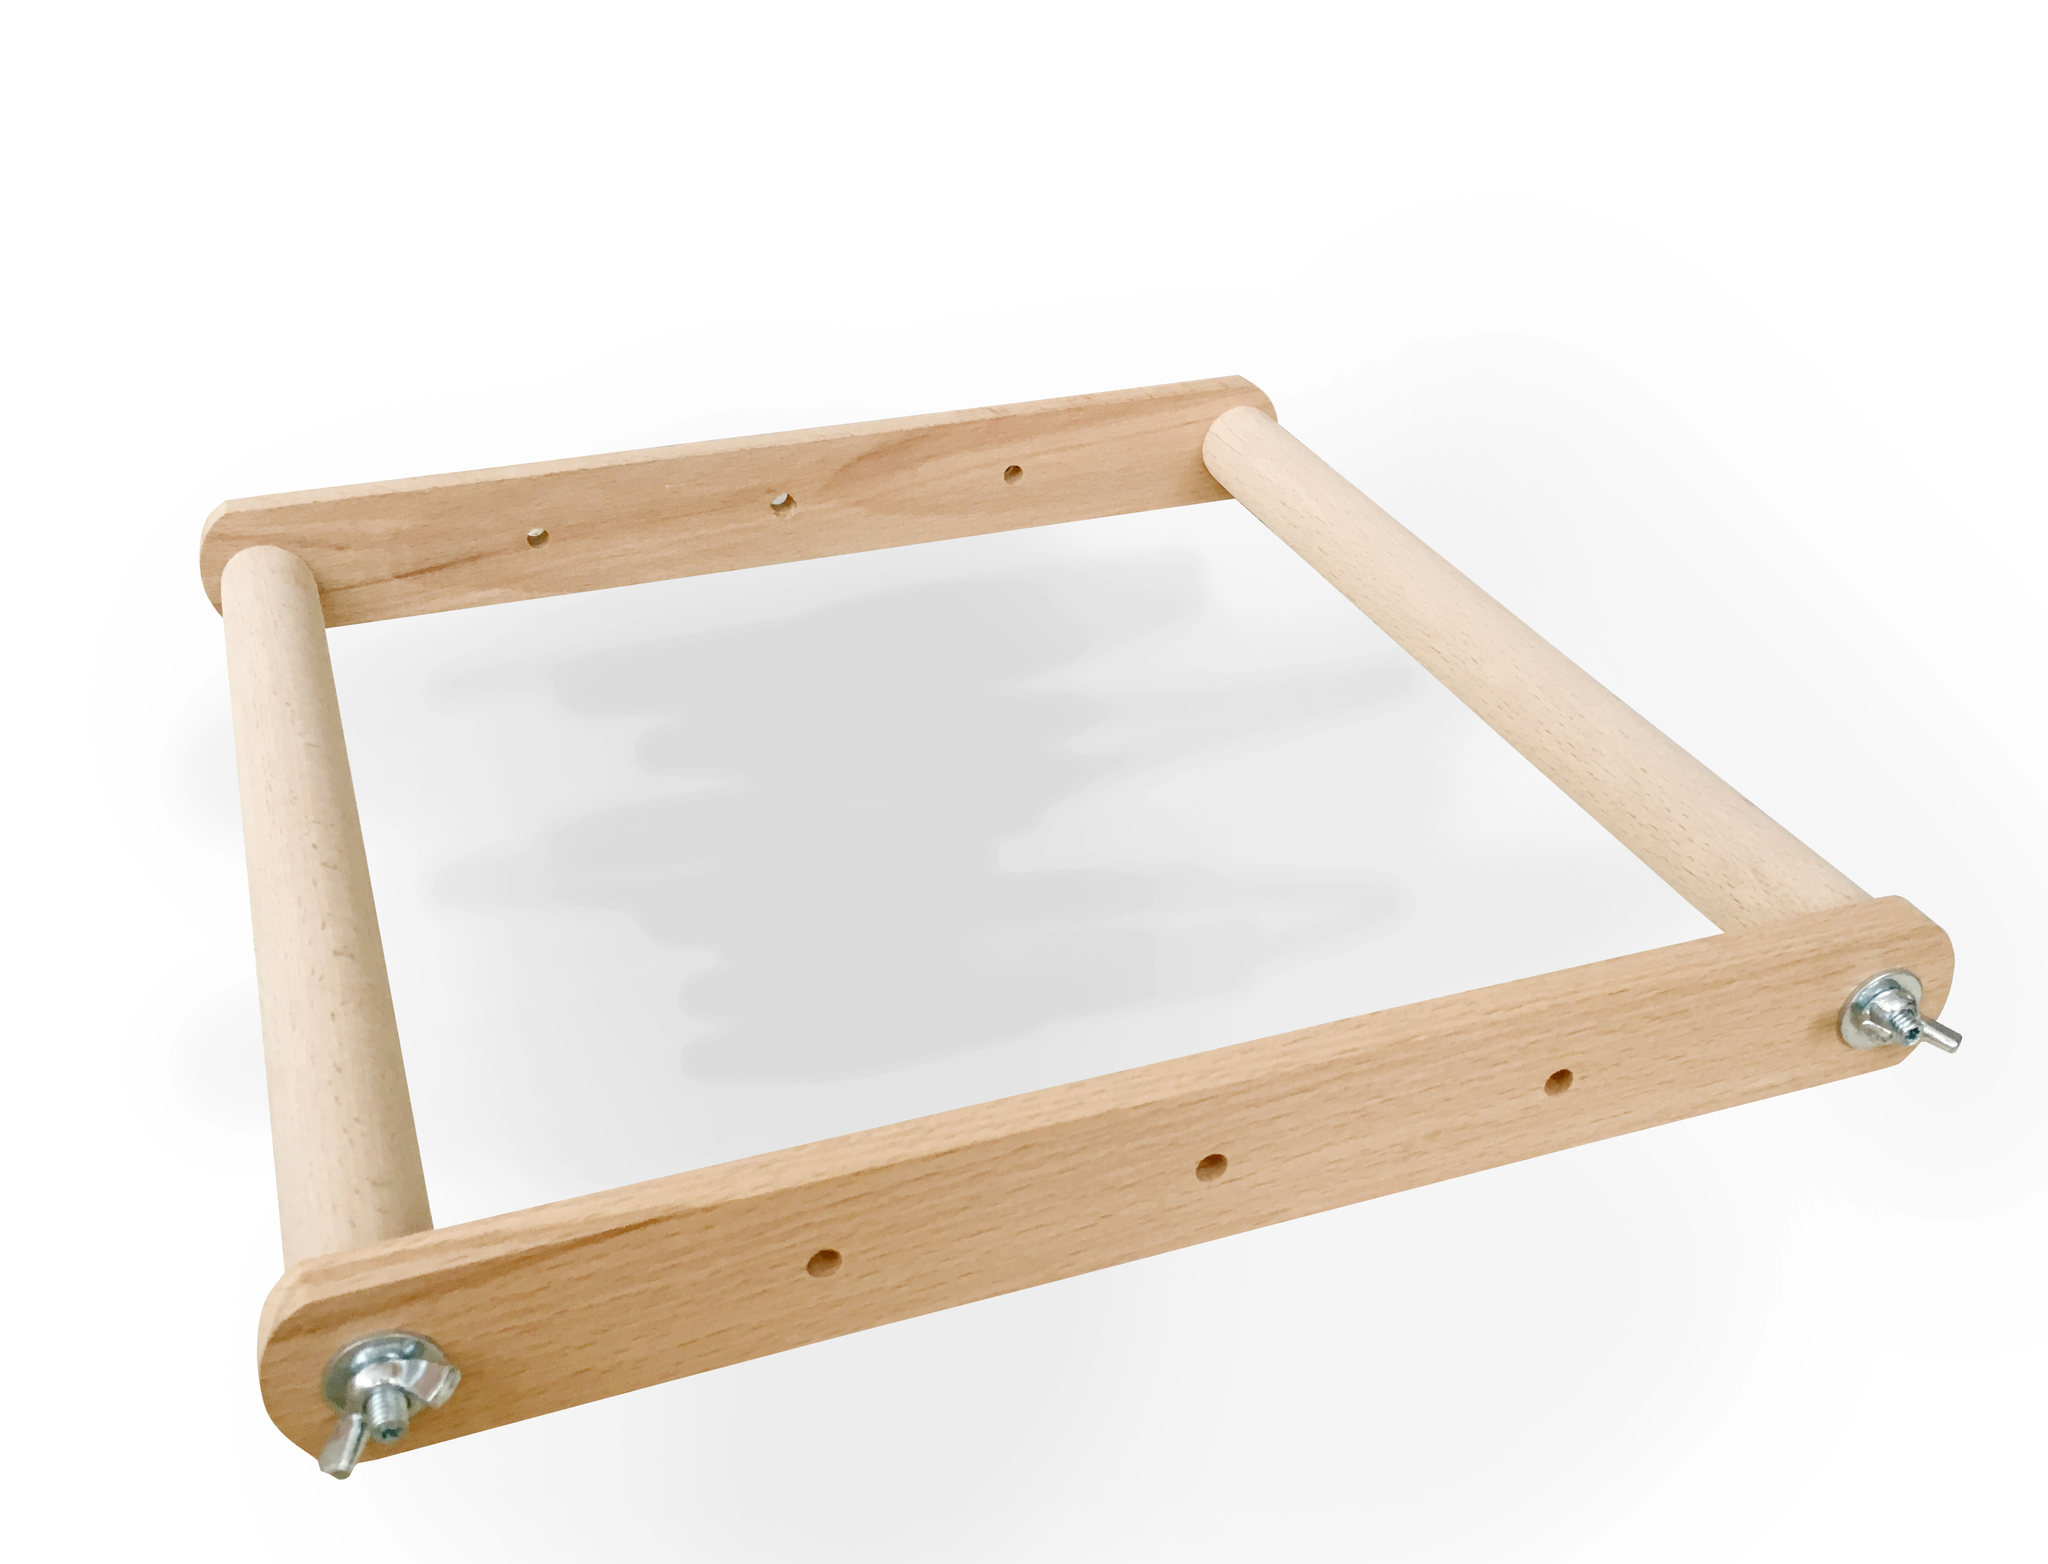 #ПростоПяльца Пяльцы-рамка 30х40 см рамка.jpg